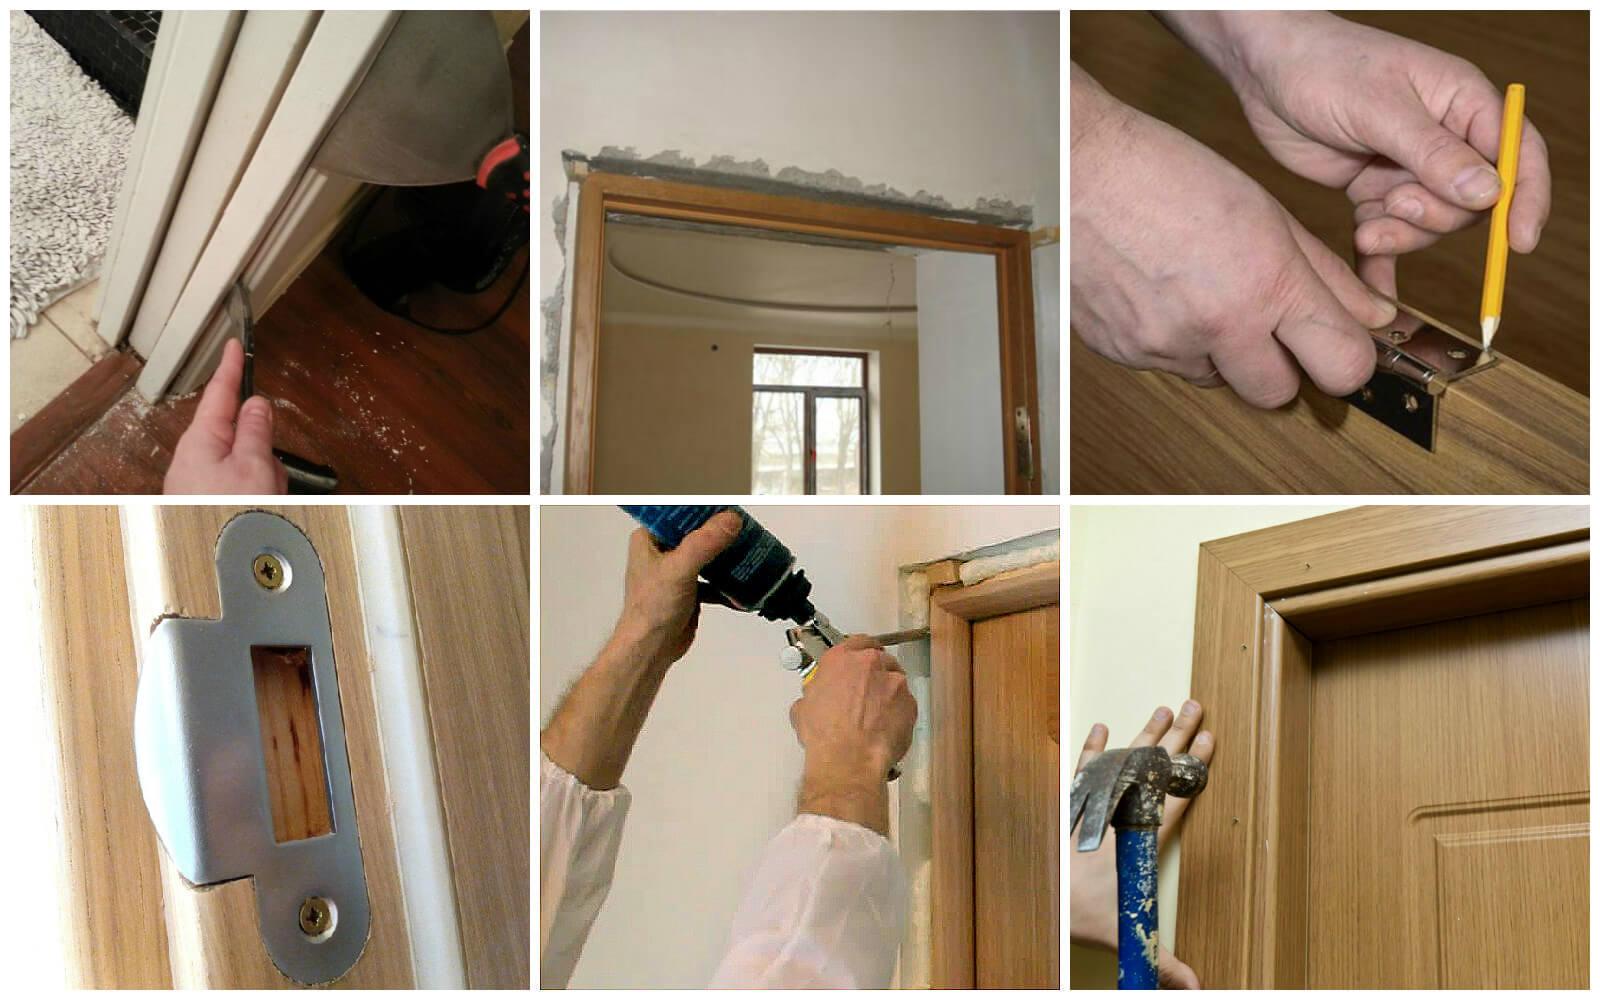 установка межкомнатных дверей пошаговая инструкция фото